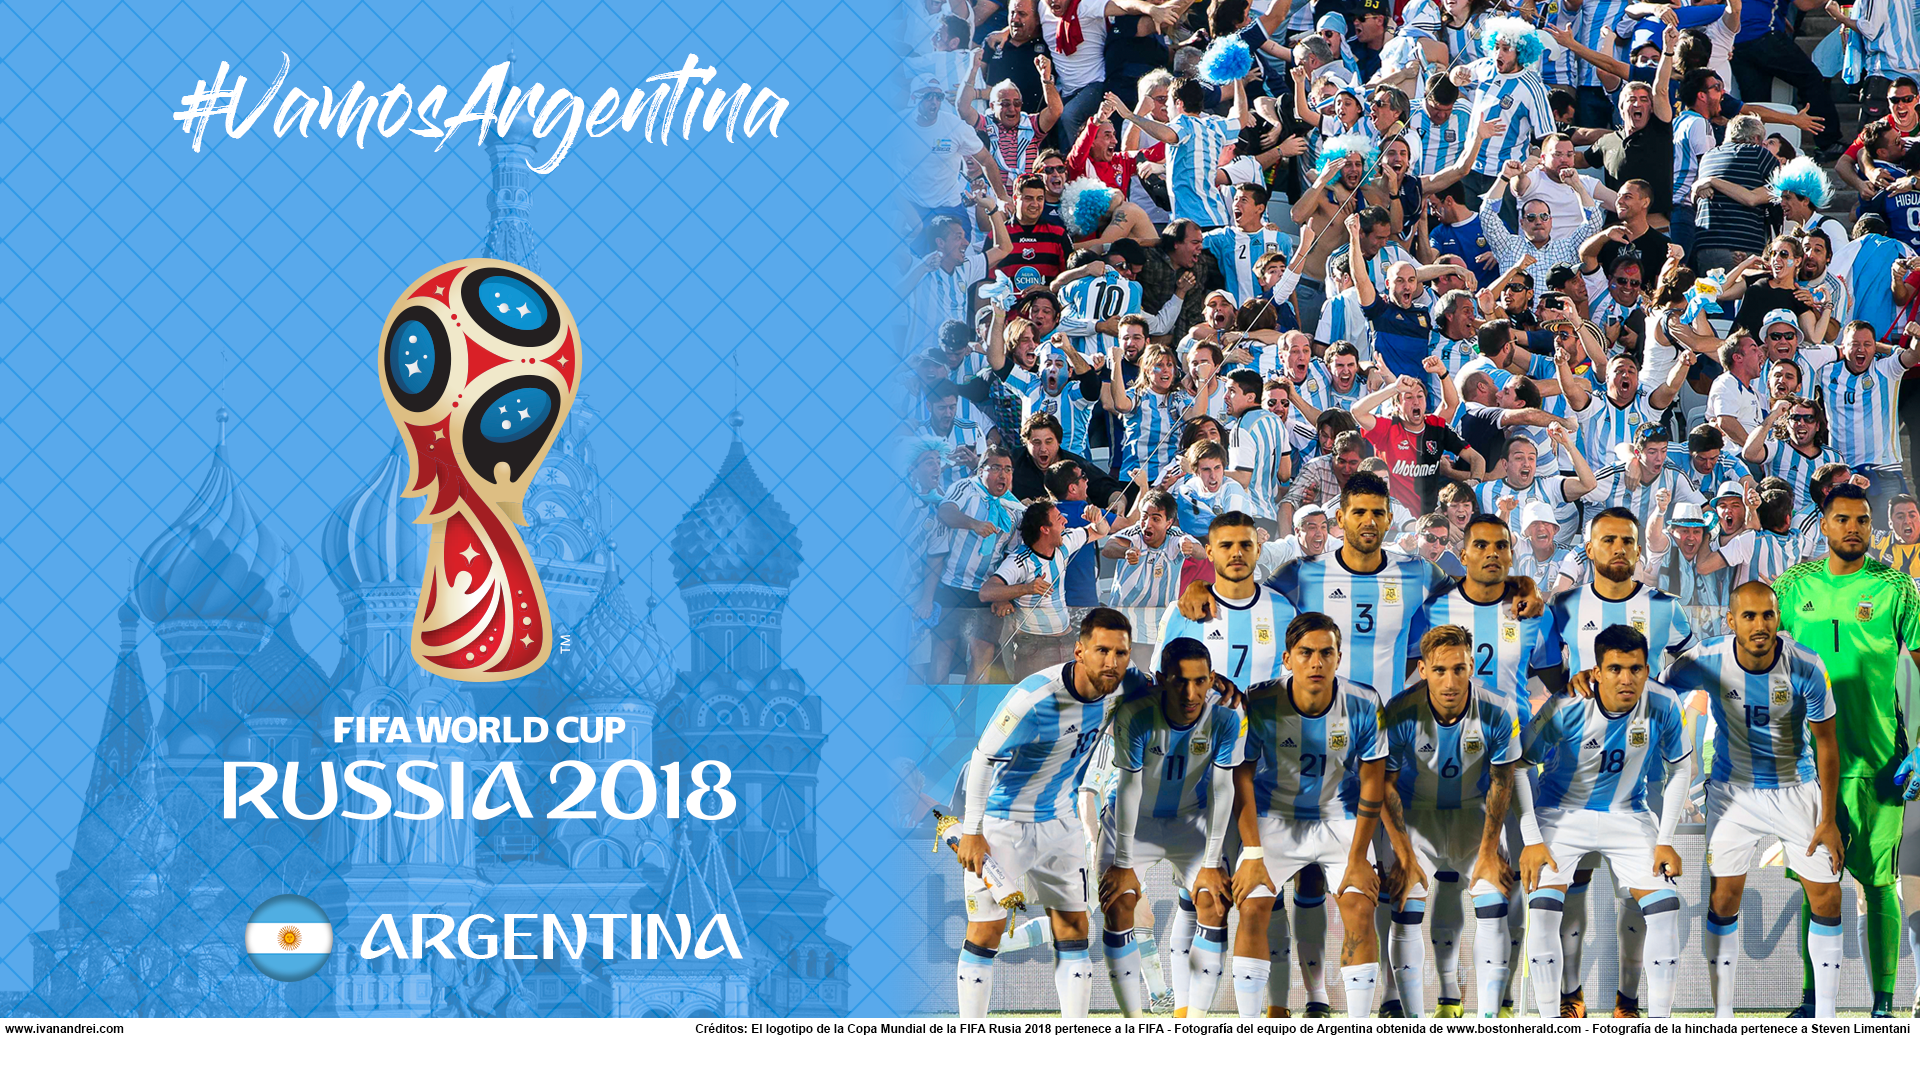 Wallpaper de la selección argentina de fútbol para la Copa Mundial de la FIFA - Rusia 2018 - Edición para PC (1920x1080)